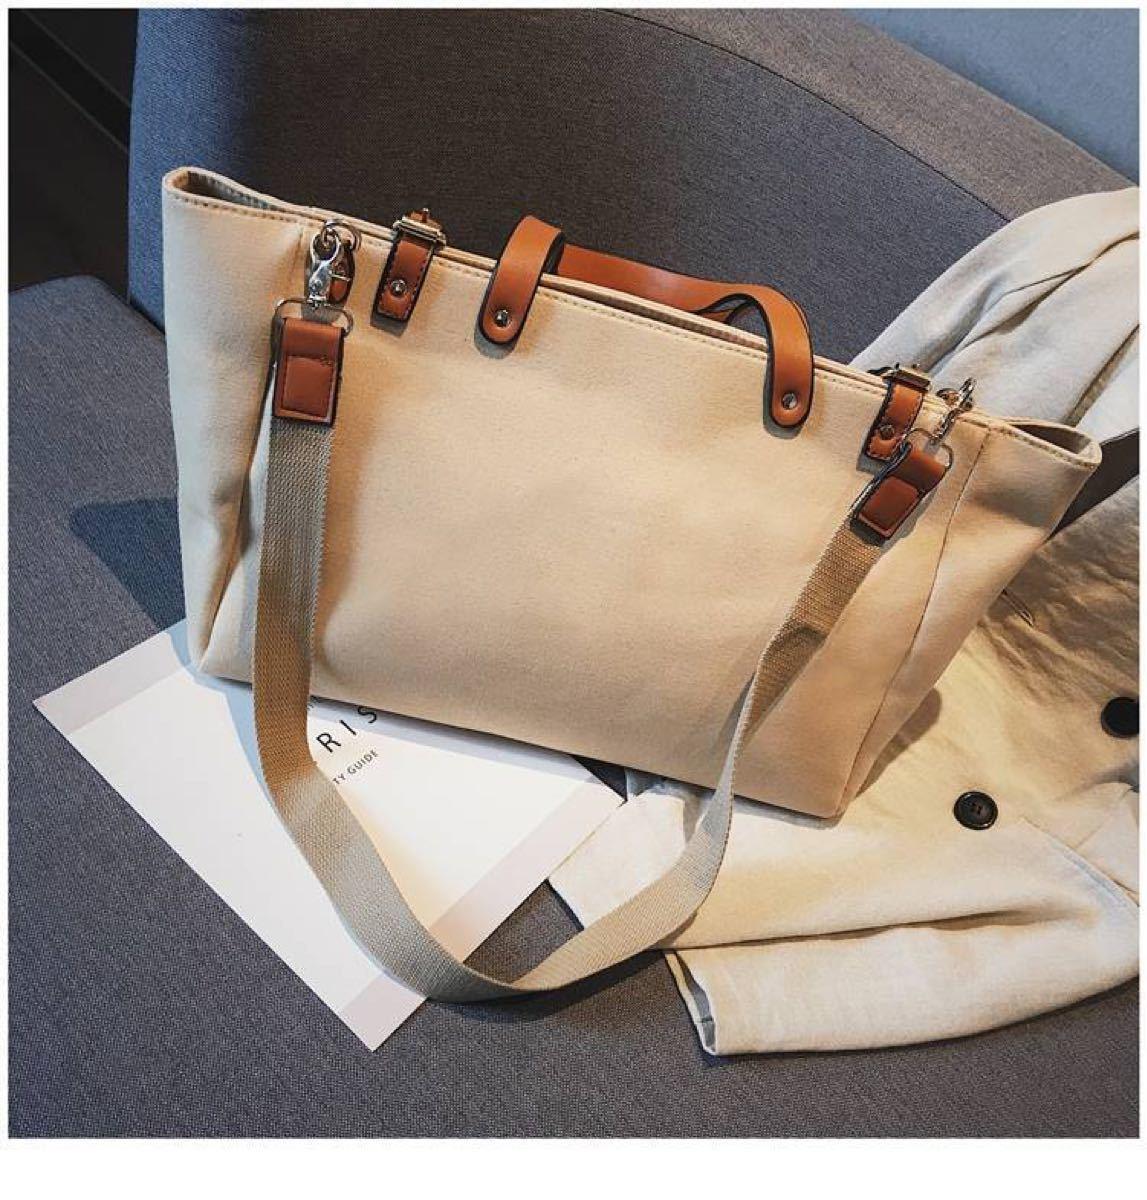 バッグ トートバッグ 2way ハンドバッグ 帆布 横長 ショルダーバッグ 人気 おしゃれ かわいい トートバッグ ブルー